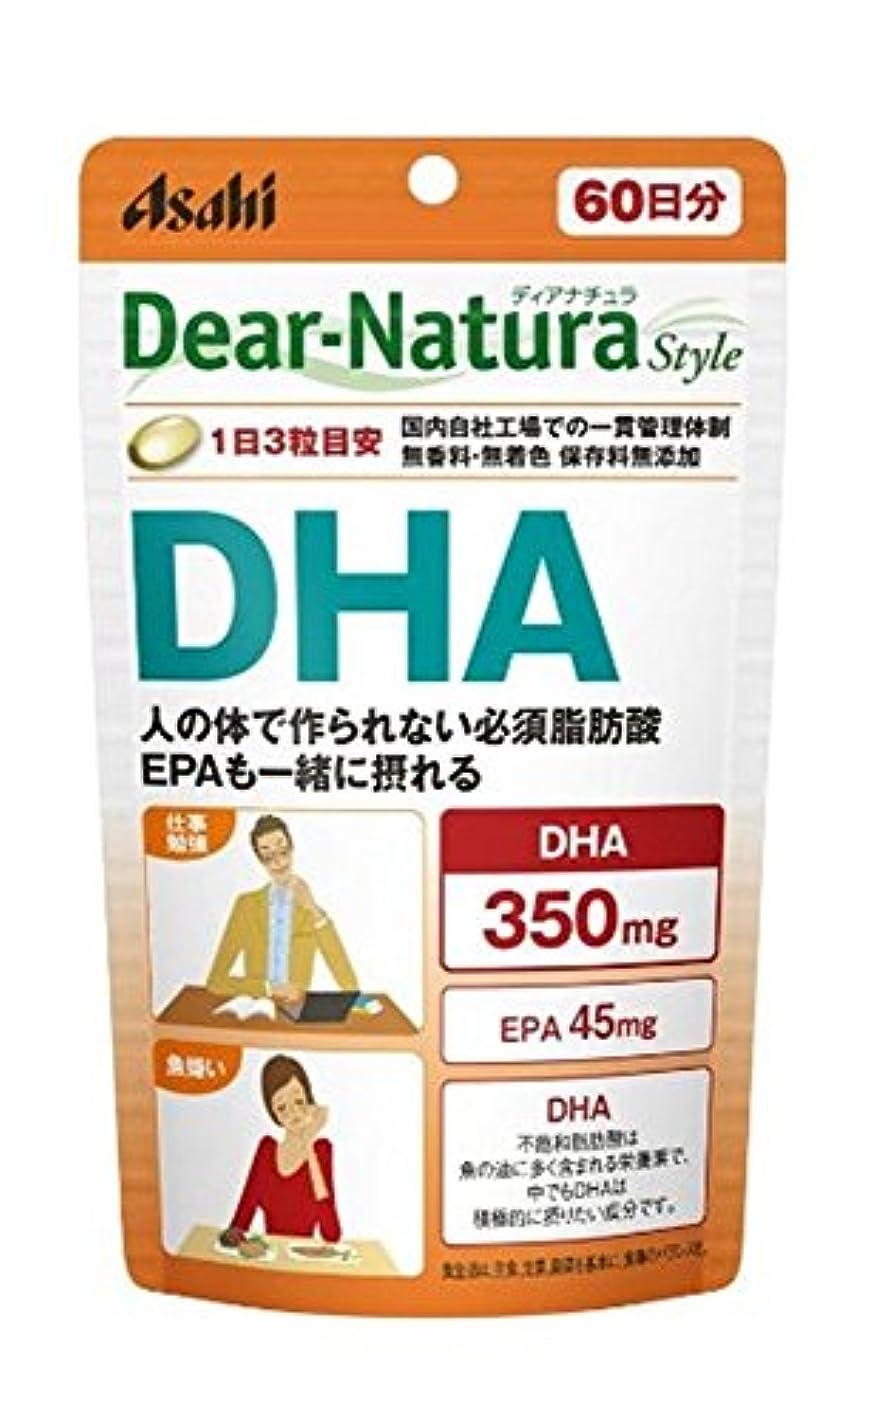 フェンス代表する葉を集めるアサヒグループ食品 ディアナチュラスタイルDHA 180粒(60日分)